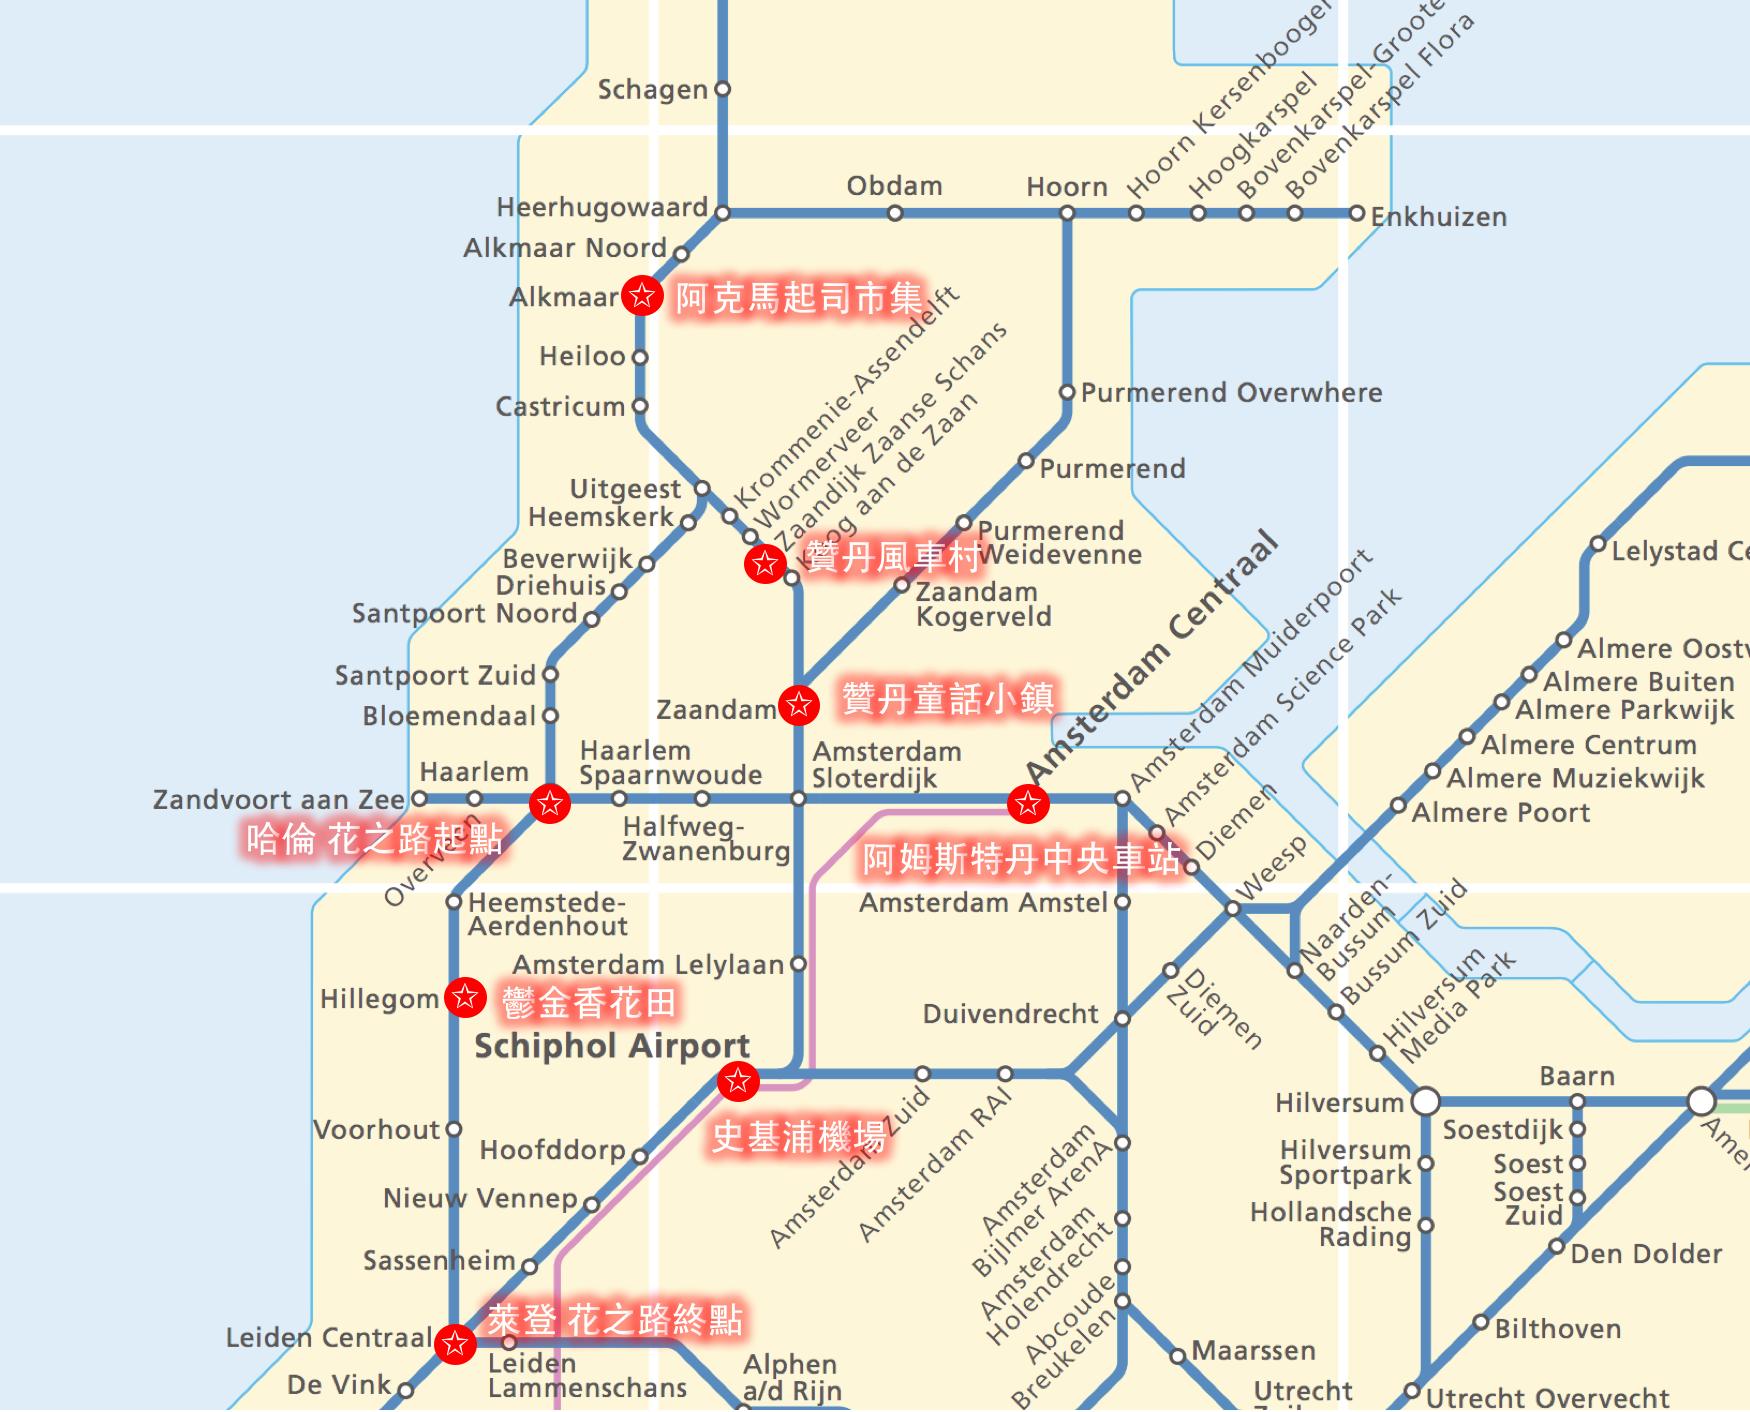 【荷蘭印象】體驗道地的荷式風情 — Alkmaar 起司市集 散步路線整理 2